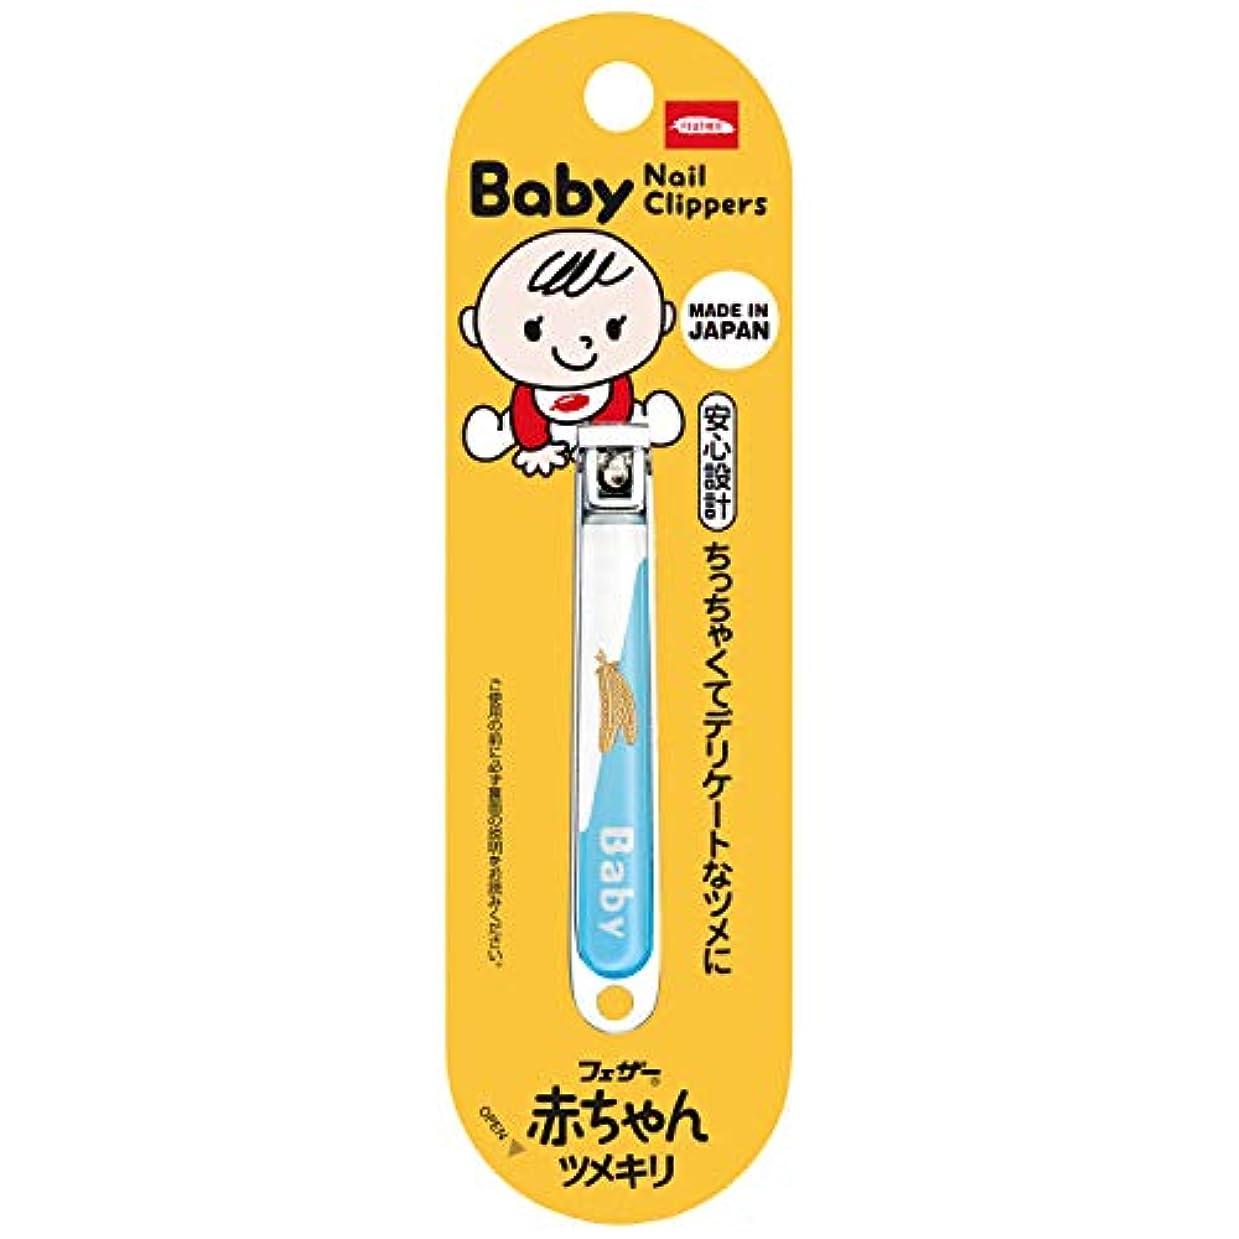 スローガン測るフラグラントフェザー安全剃刀 フェザー赤ちゃんツメキリ 1個 爪切り